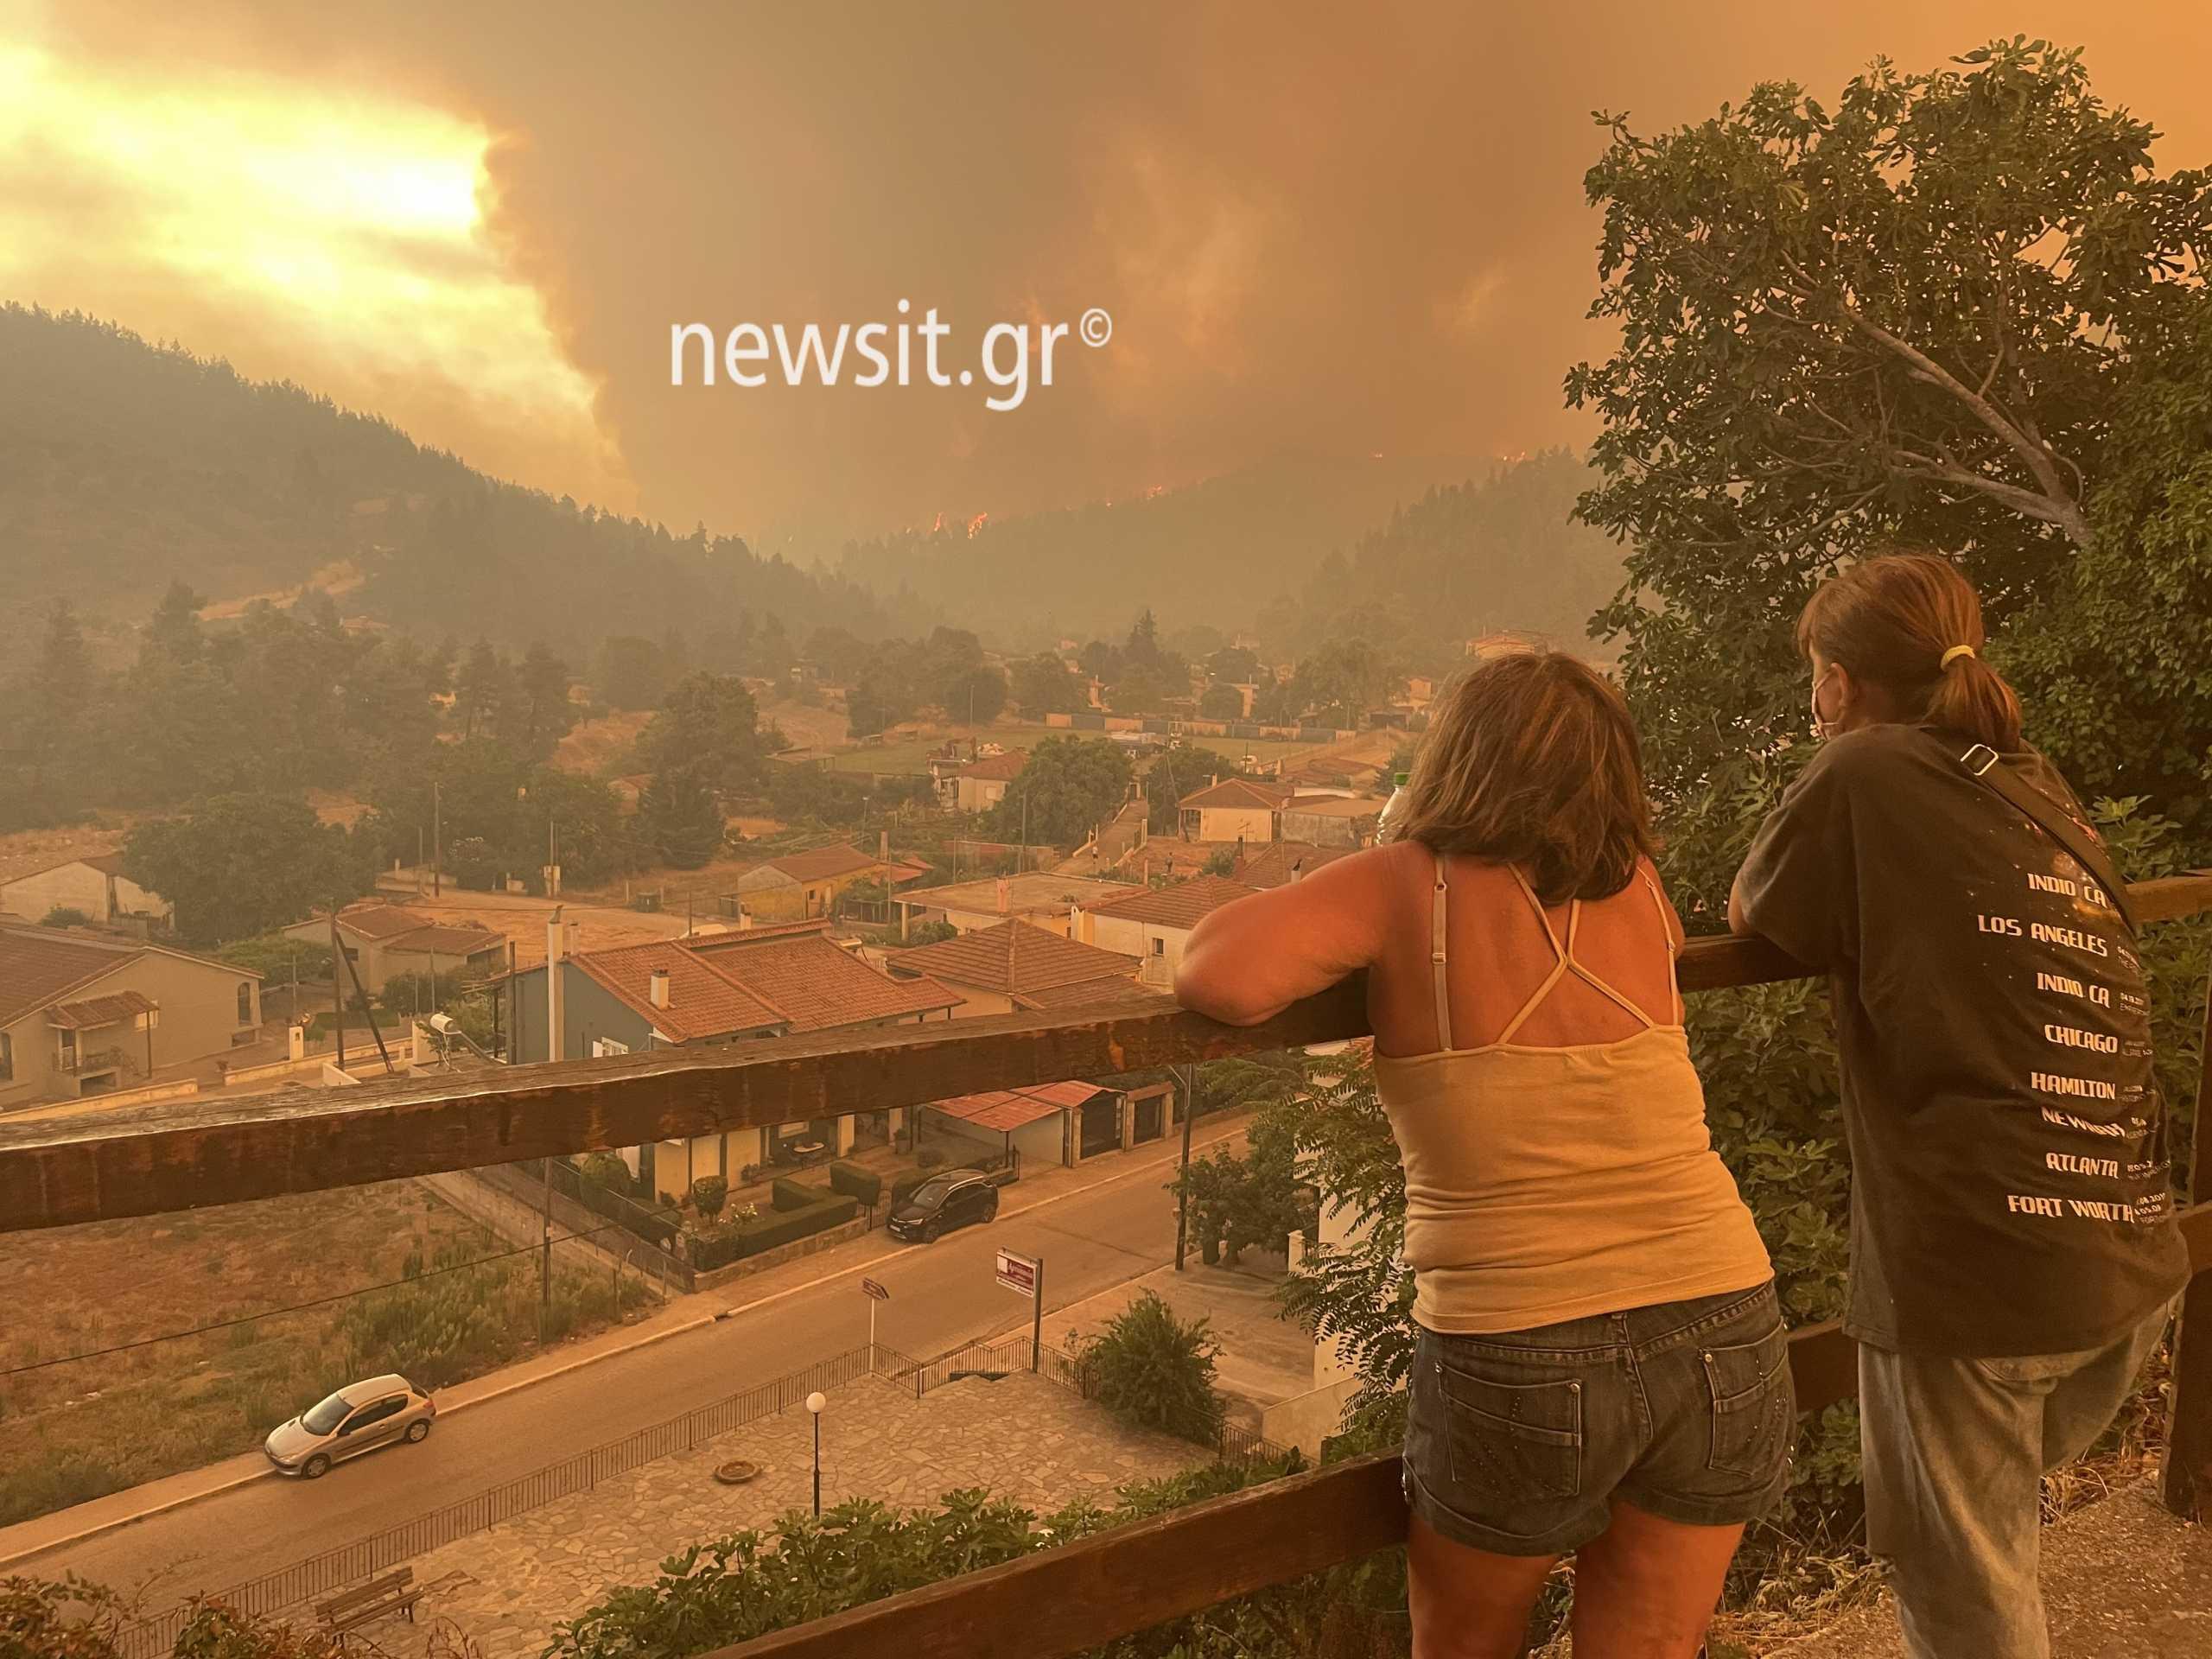 Φωτιά στη Βόρεια Εύβοια: Νύχτα αγωνίας στο δρόμο περνούν οι κάτοικοι  πνιγμένοι στον καπνό